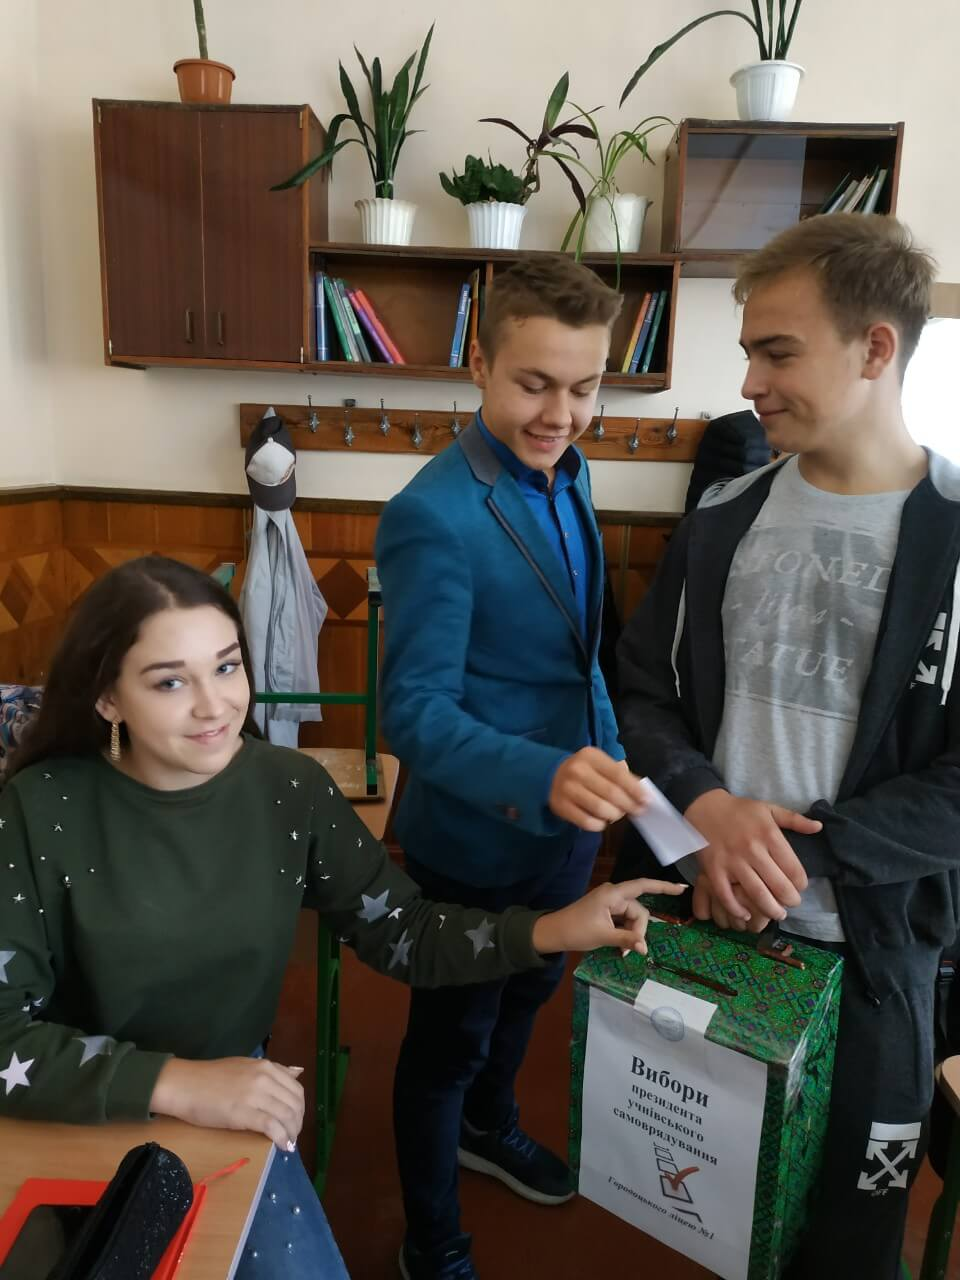 zobrazhennya viber 2019 09 25 16 11 163 - Вибори президента учнівського самоврядування